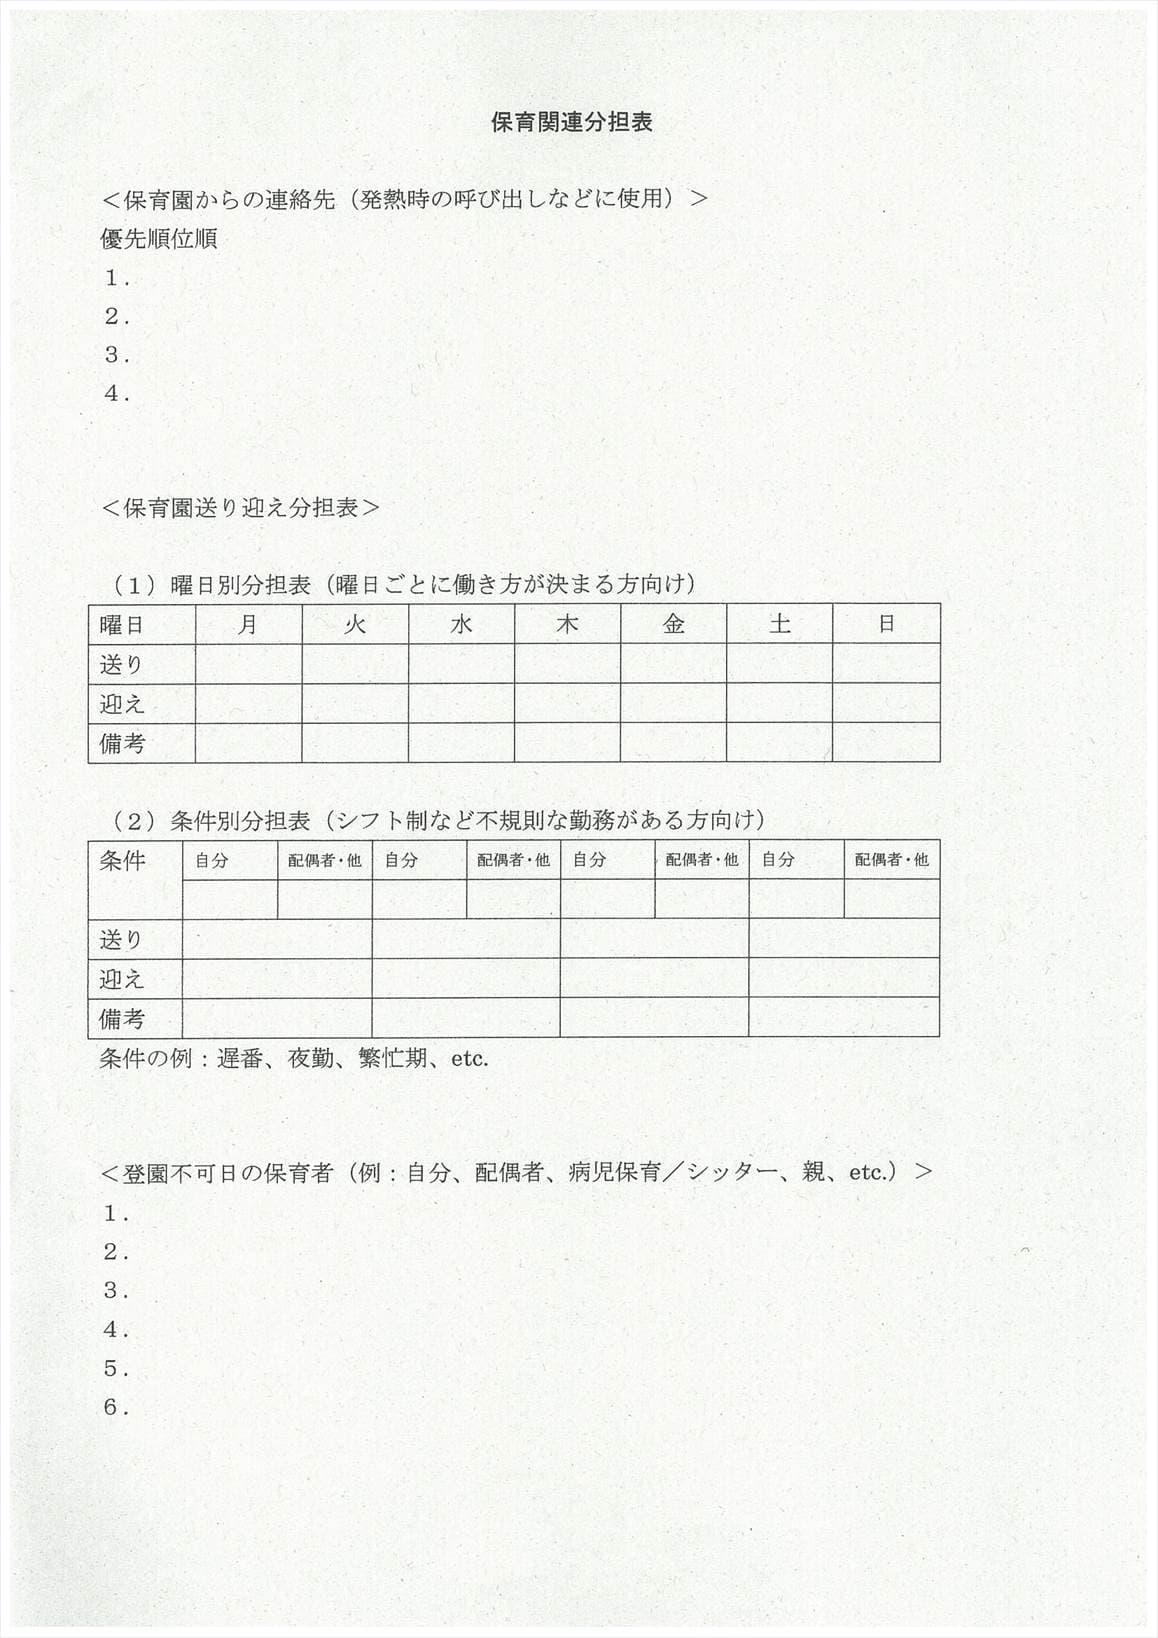 保育関連分担表